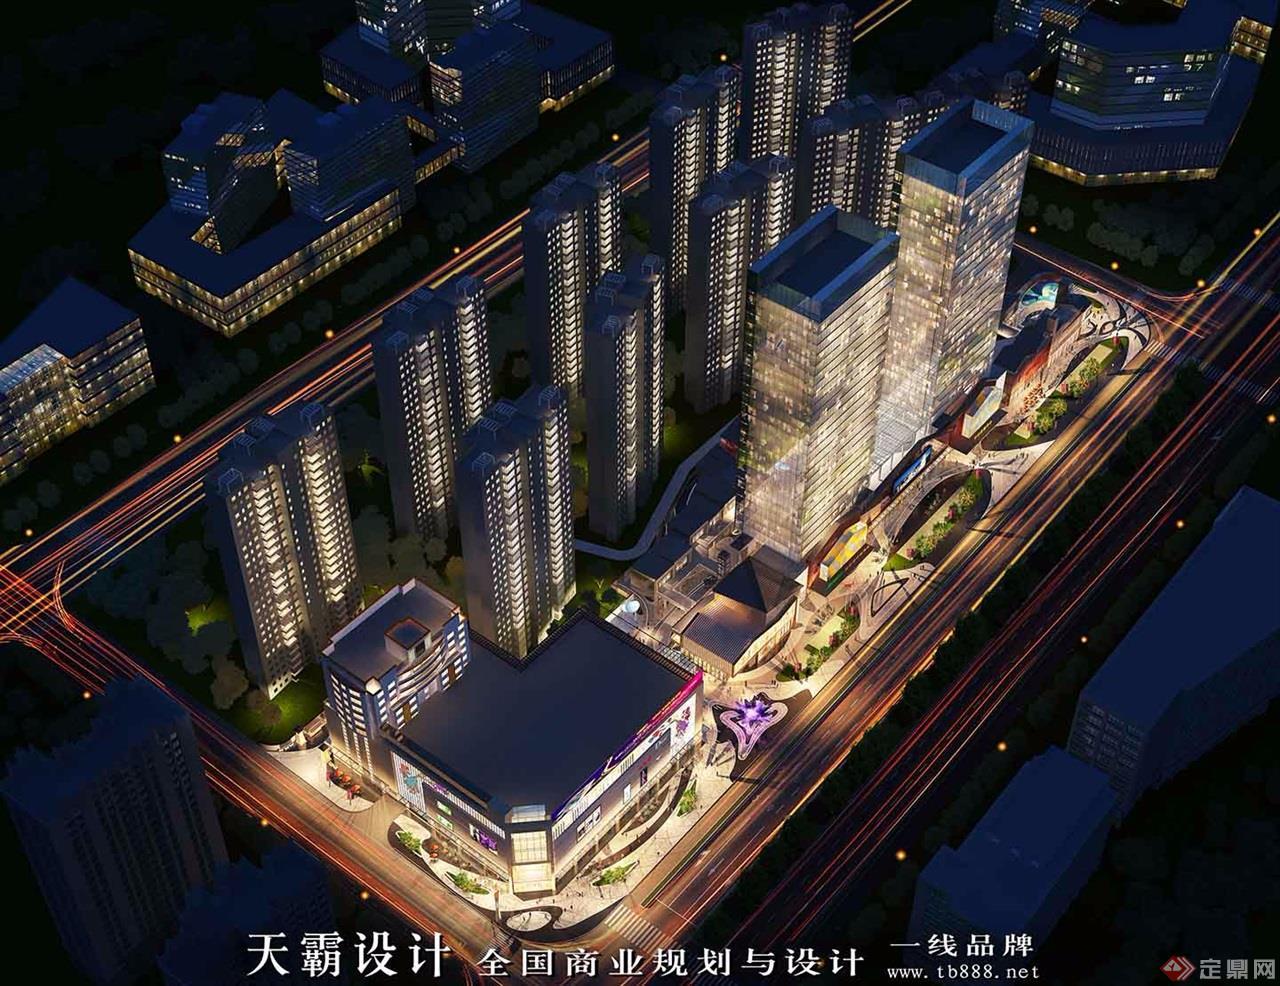 城市综合体设计效果图:河南洛阳老城根-鸟瞰